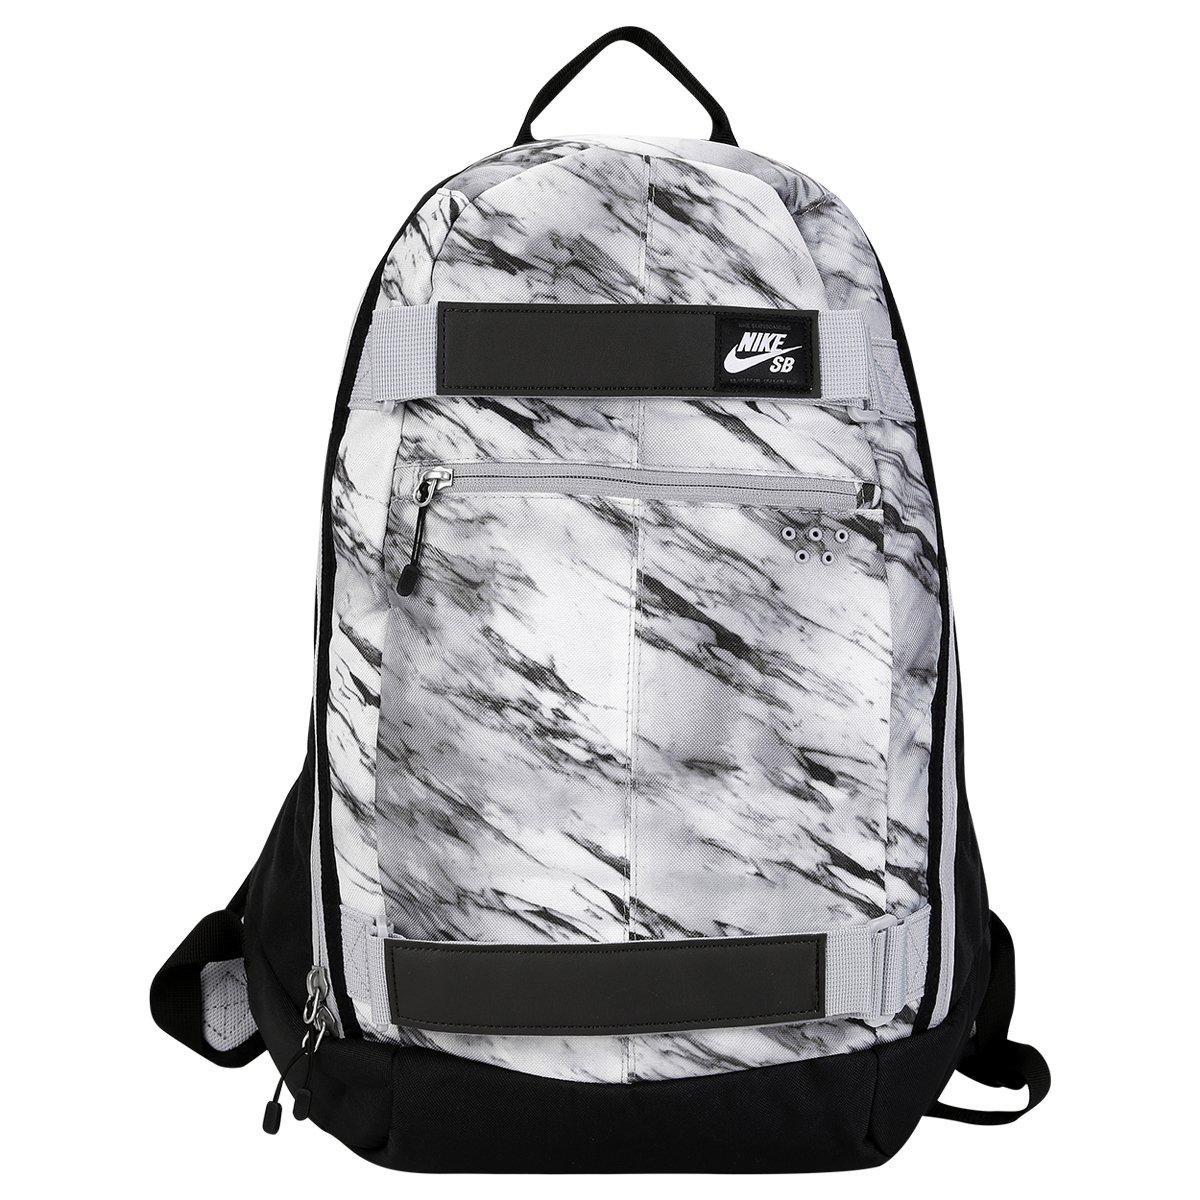 Compre Agora Medium Embarca Netshoes Nike Mochila Caqx6zwgg